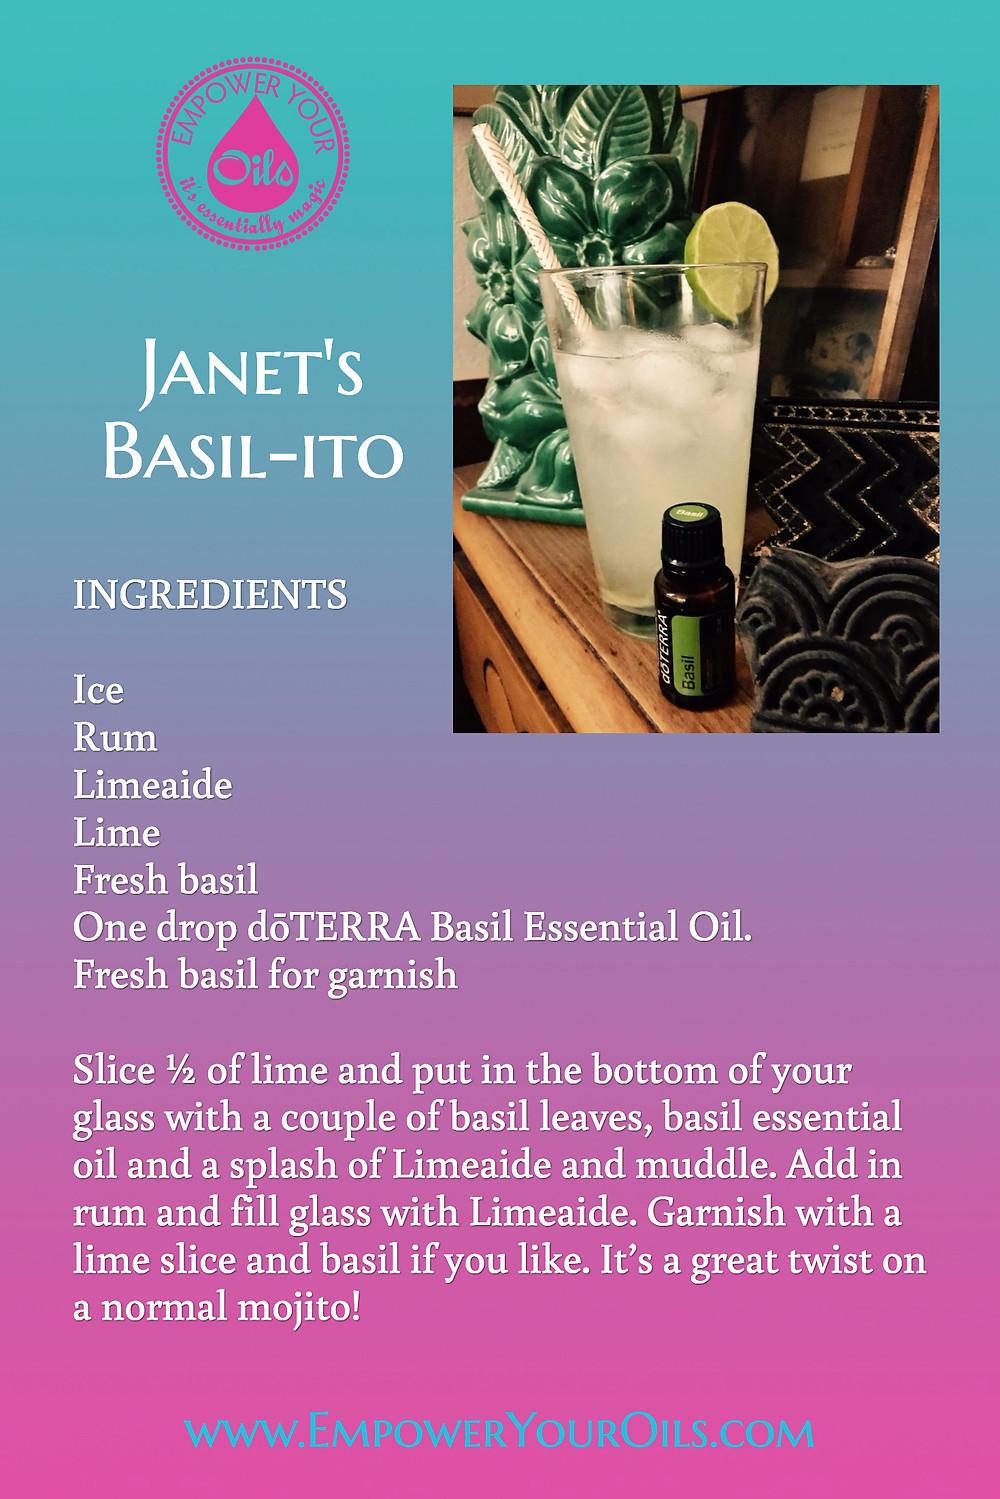 Janet's Basil-ito